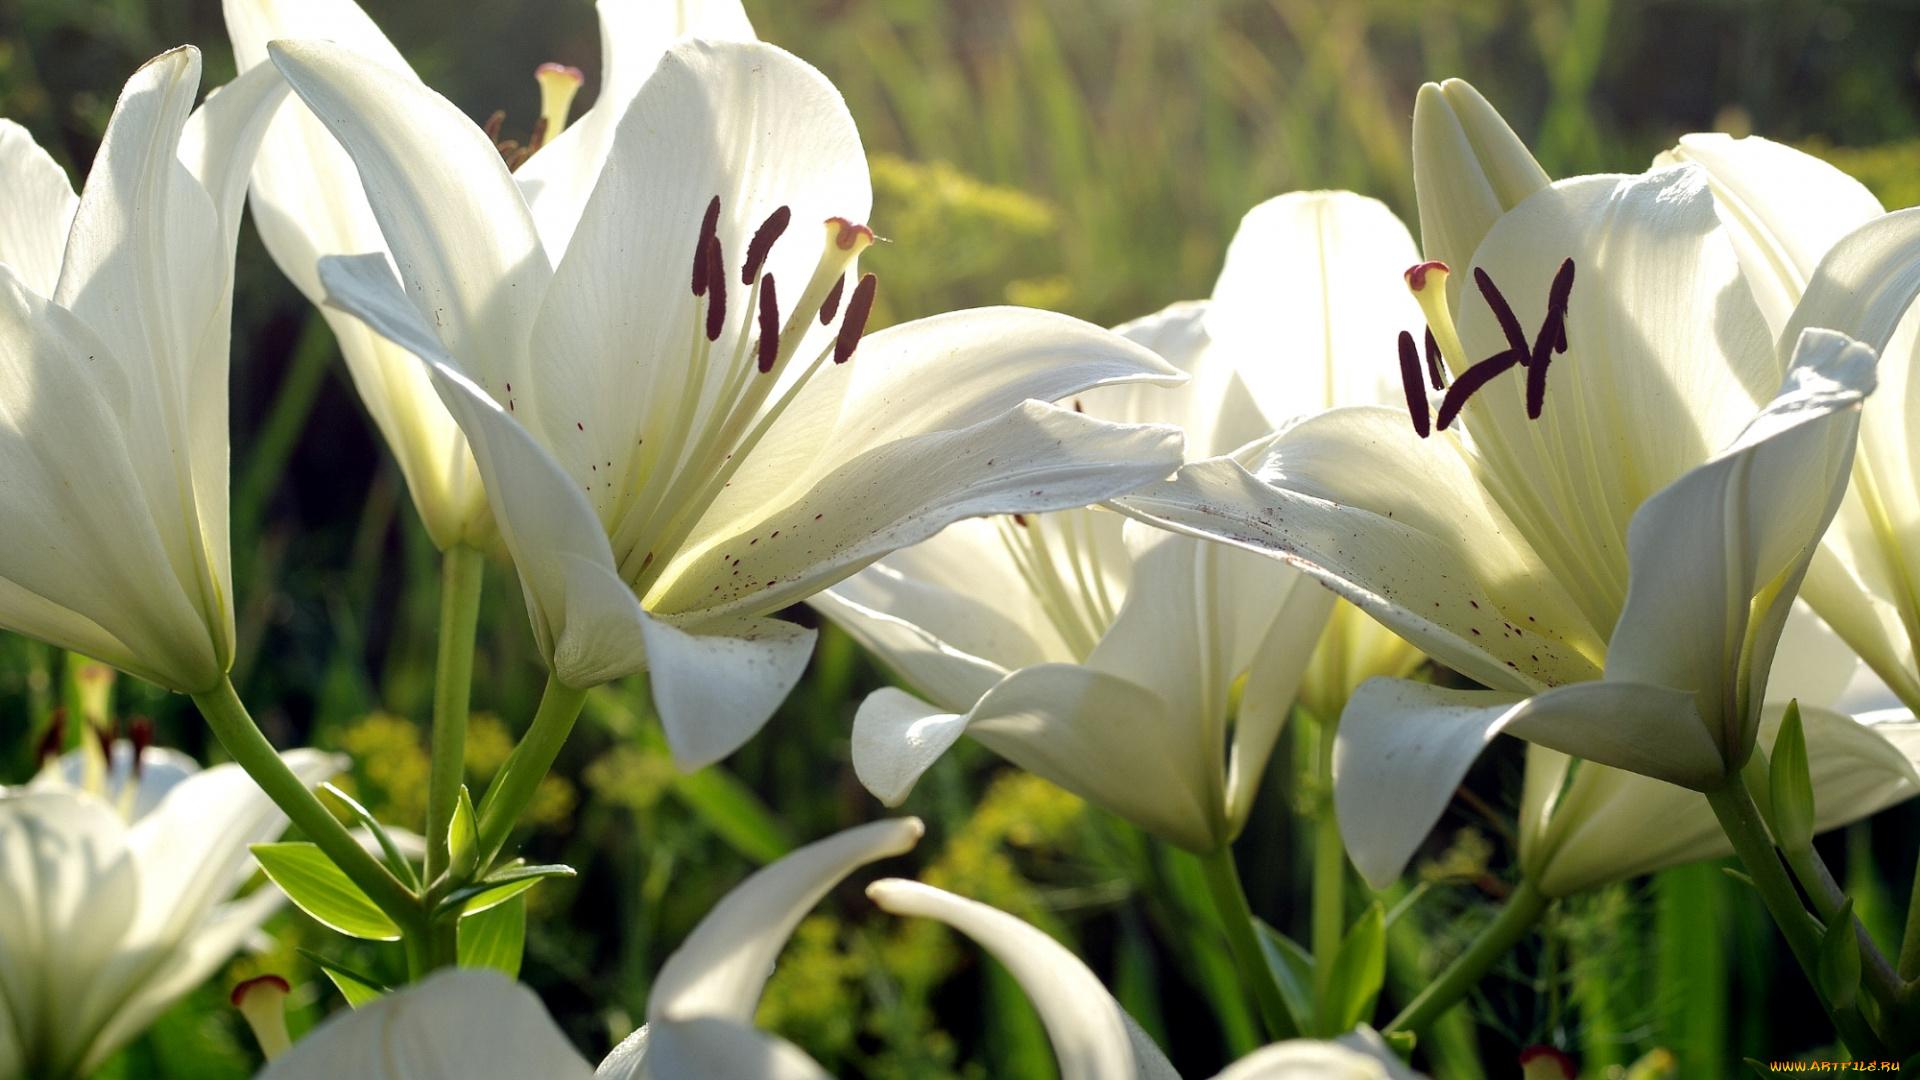 Картинки с добрым утром цветы лилии, прикольные про